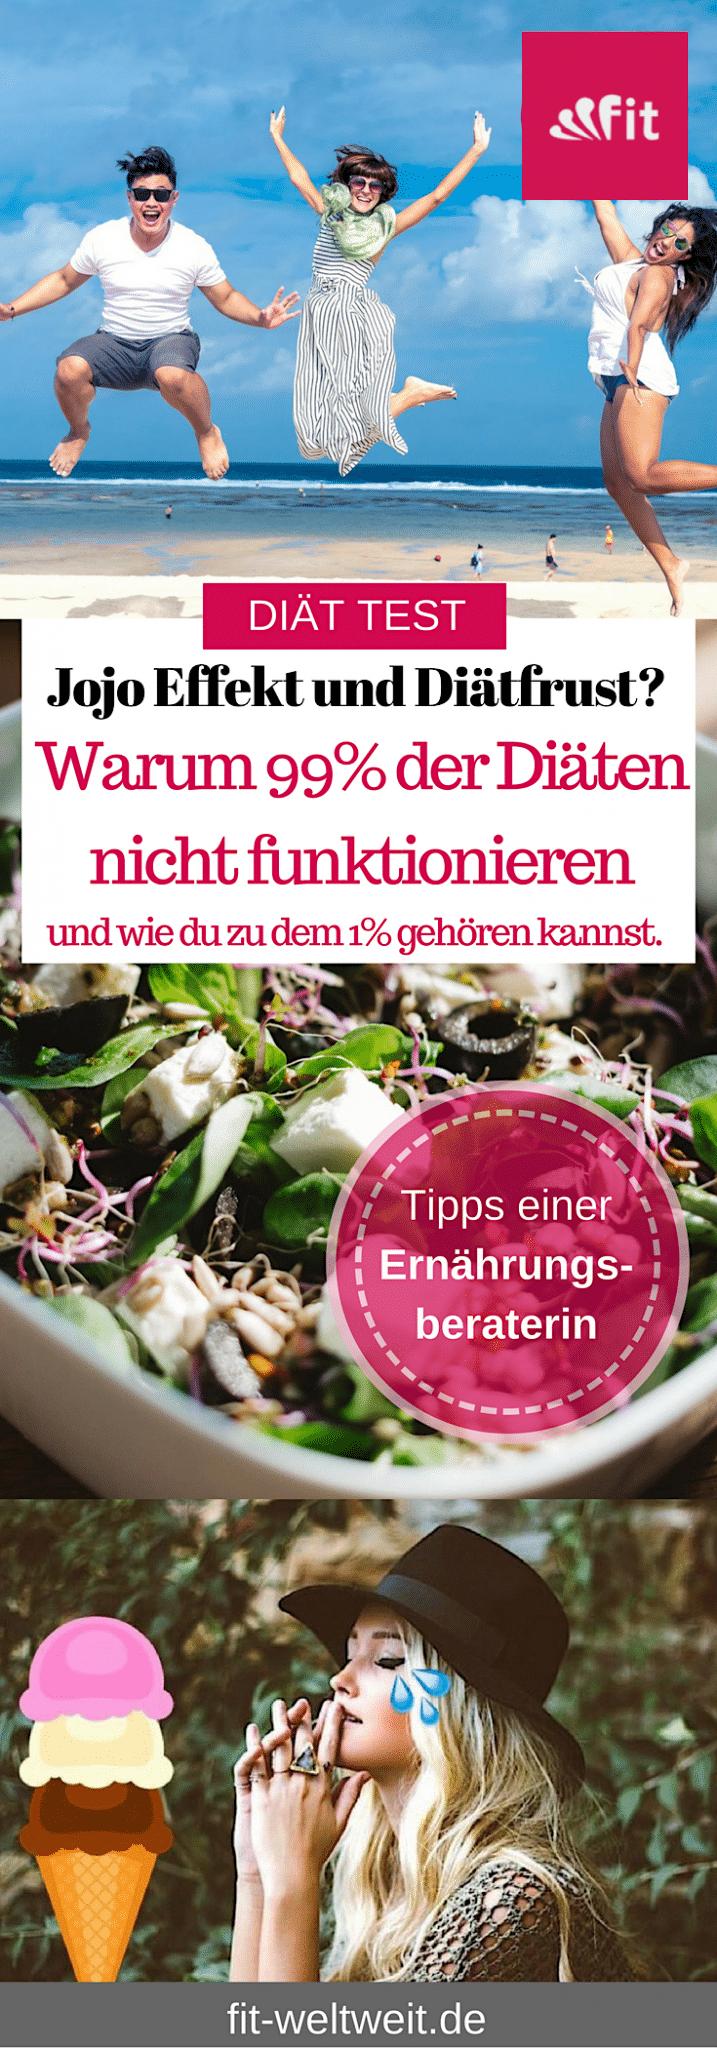 Der Grund, warum Diäten nichtfunktionieren. Nimmst du mit deiner Diät auch nicht DAUERHAFT ab? 99% der Diäten gehen schief und bringen eher #Diätfrust als #Lebenslust. Ich zeige dir, warum Diäten nicht Funktionieren und wie du zu dem 1% gehören kannst, bei denen das Abnehmen klappt. Schluss mit dem #Jojoeffekt und der #Diät Lüge #Diät #abnehmen Diätfrust Diät funktioniert nicht